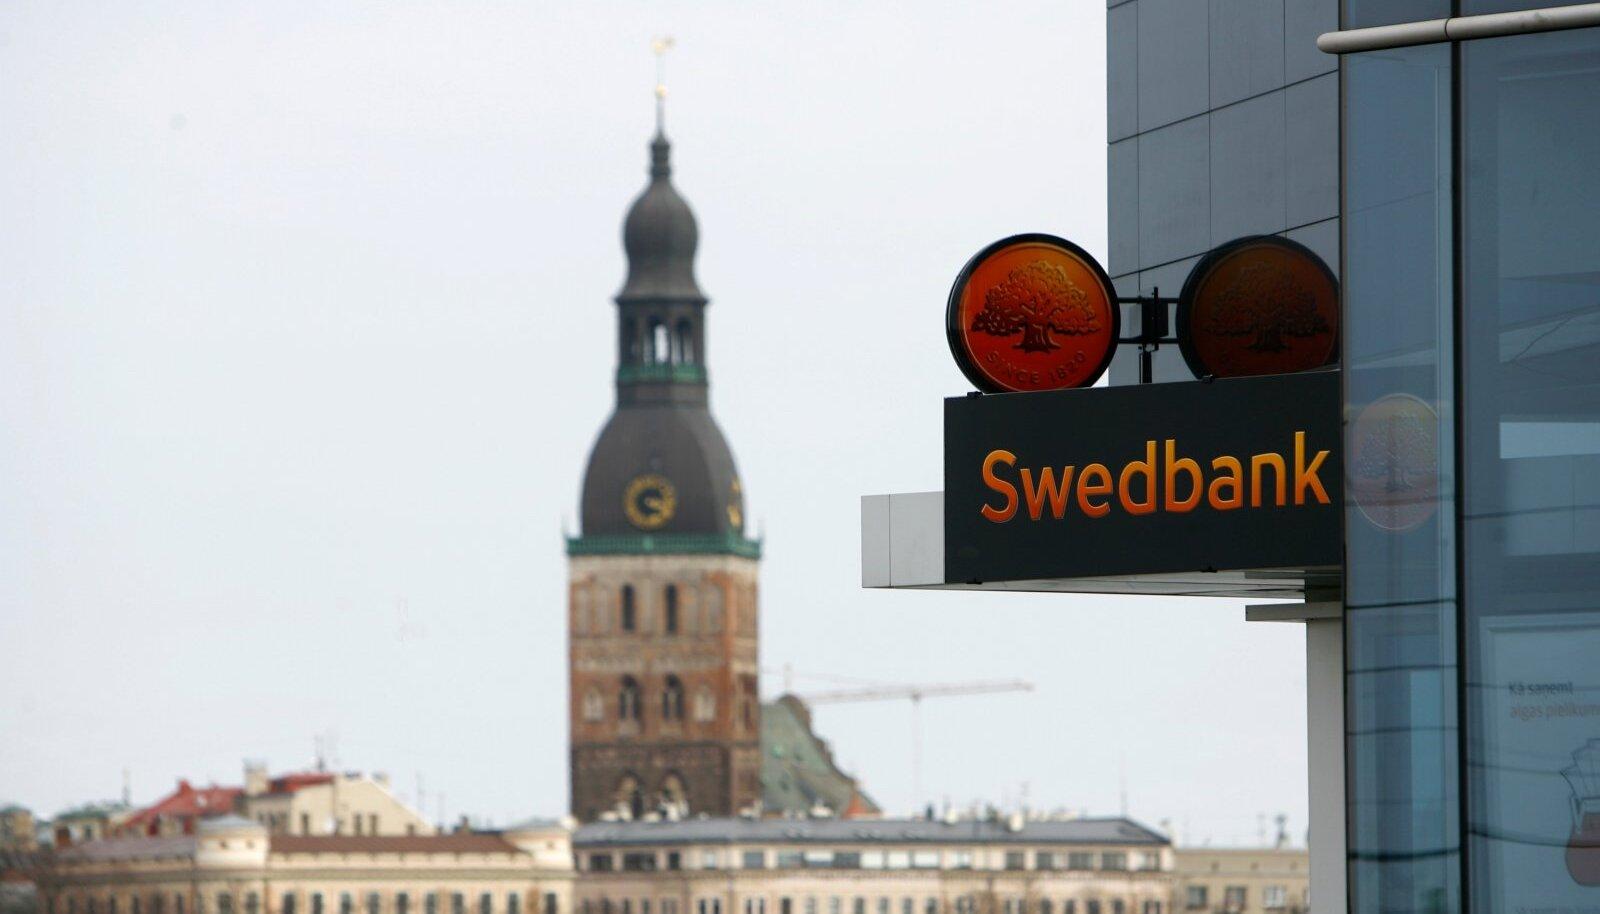 Riiast tehakse nüüd järelevalvet ka Eesti Swedbanki üle.